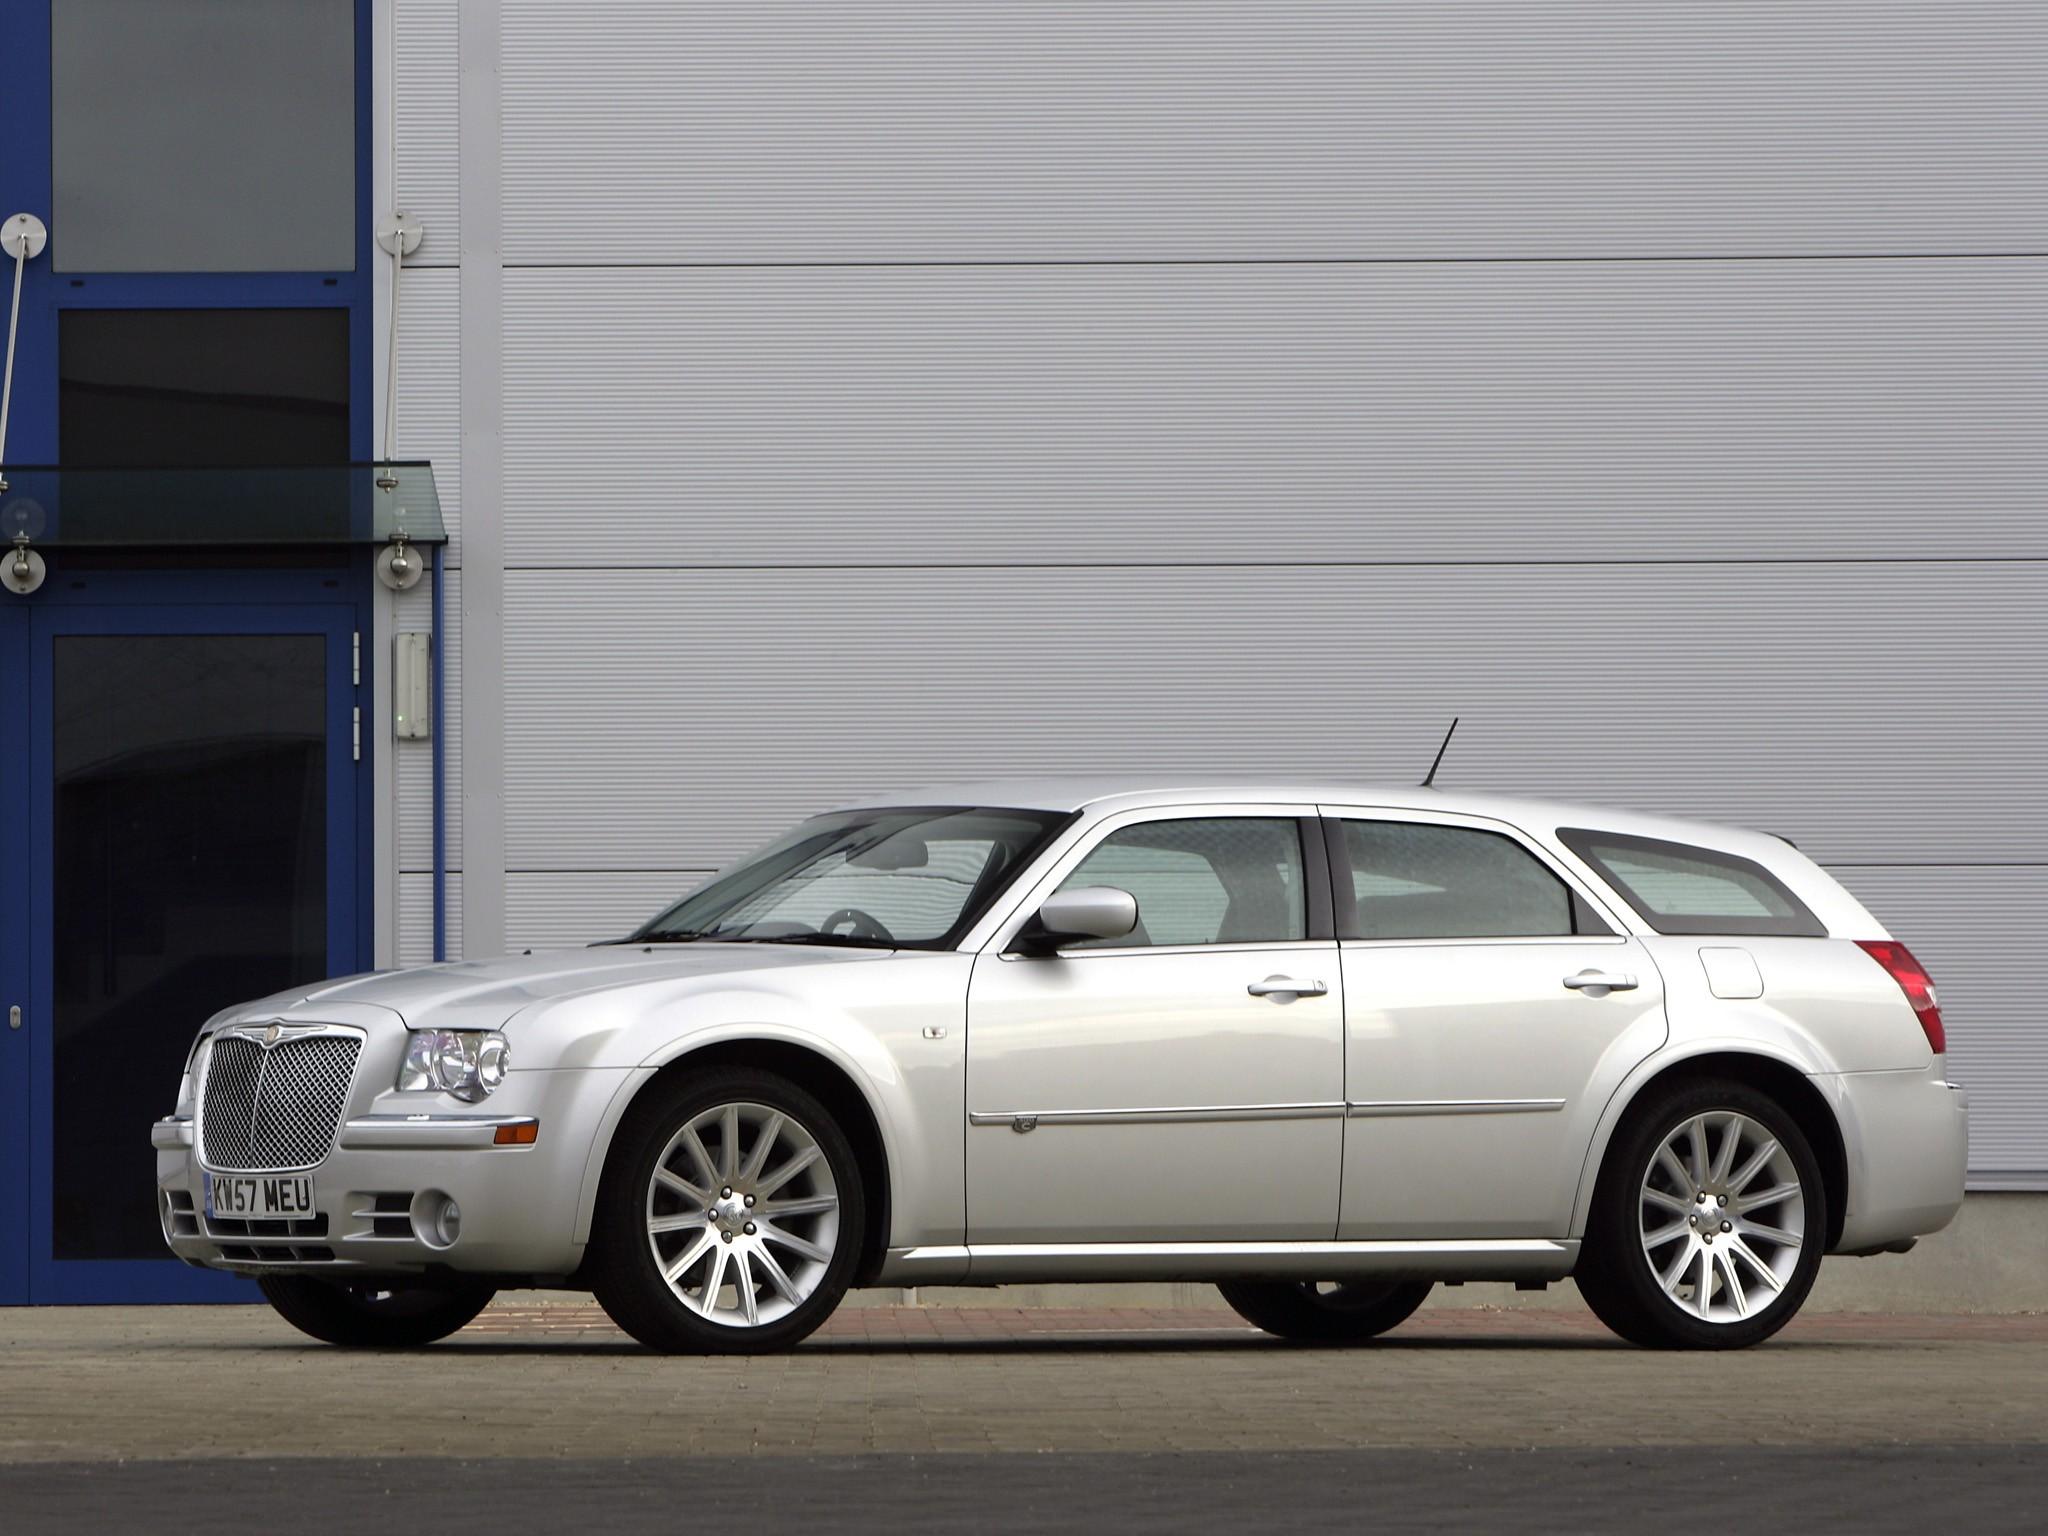 Chrysler 300c touring 2004 2005 2006 2007 2008 2009 for Chrysler 300cc